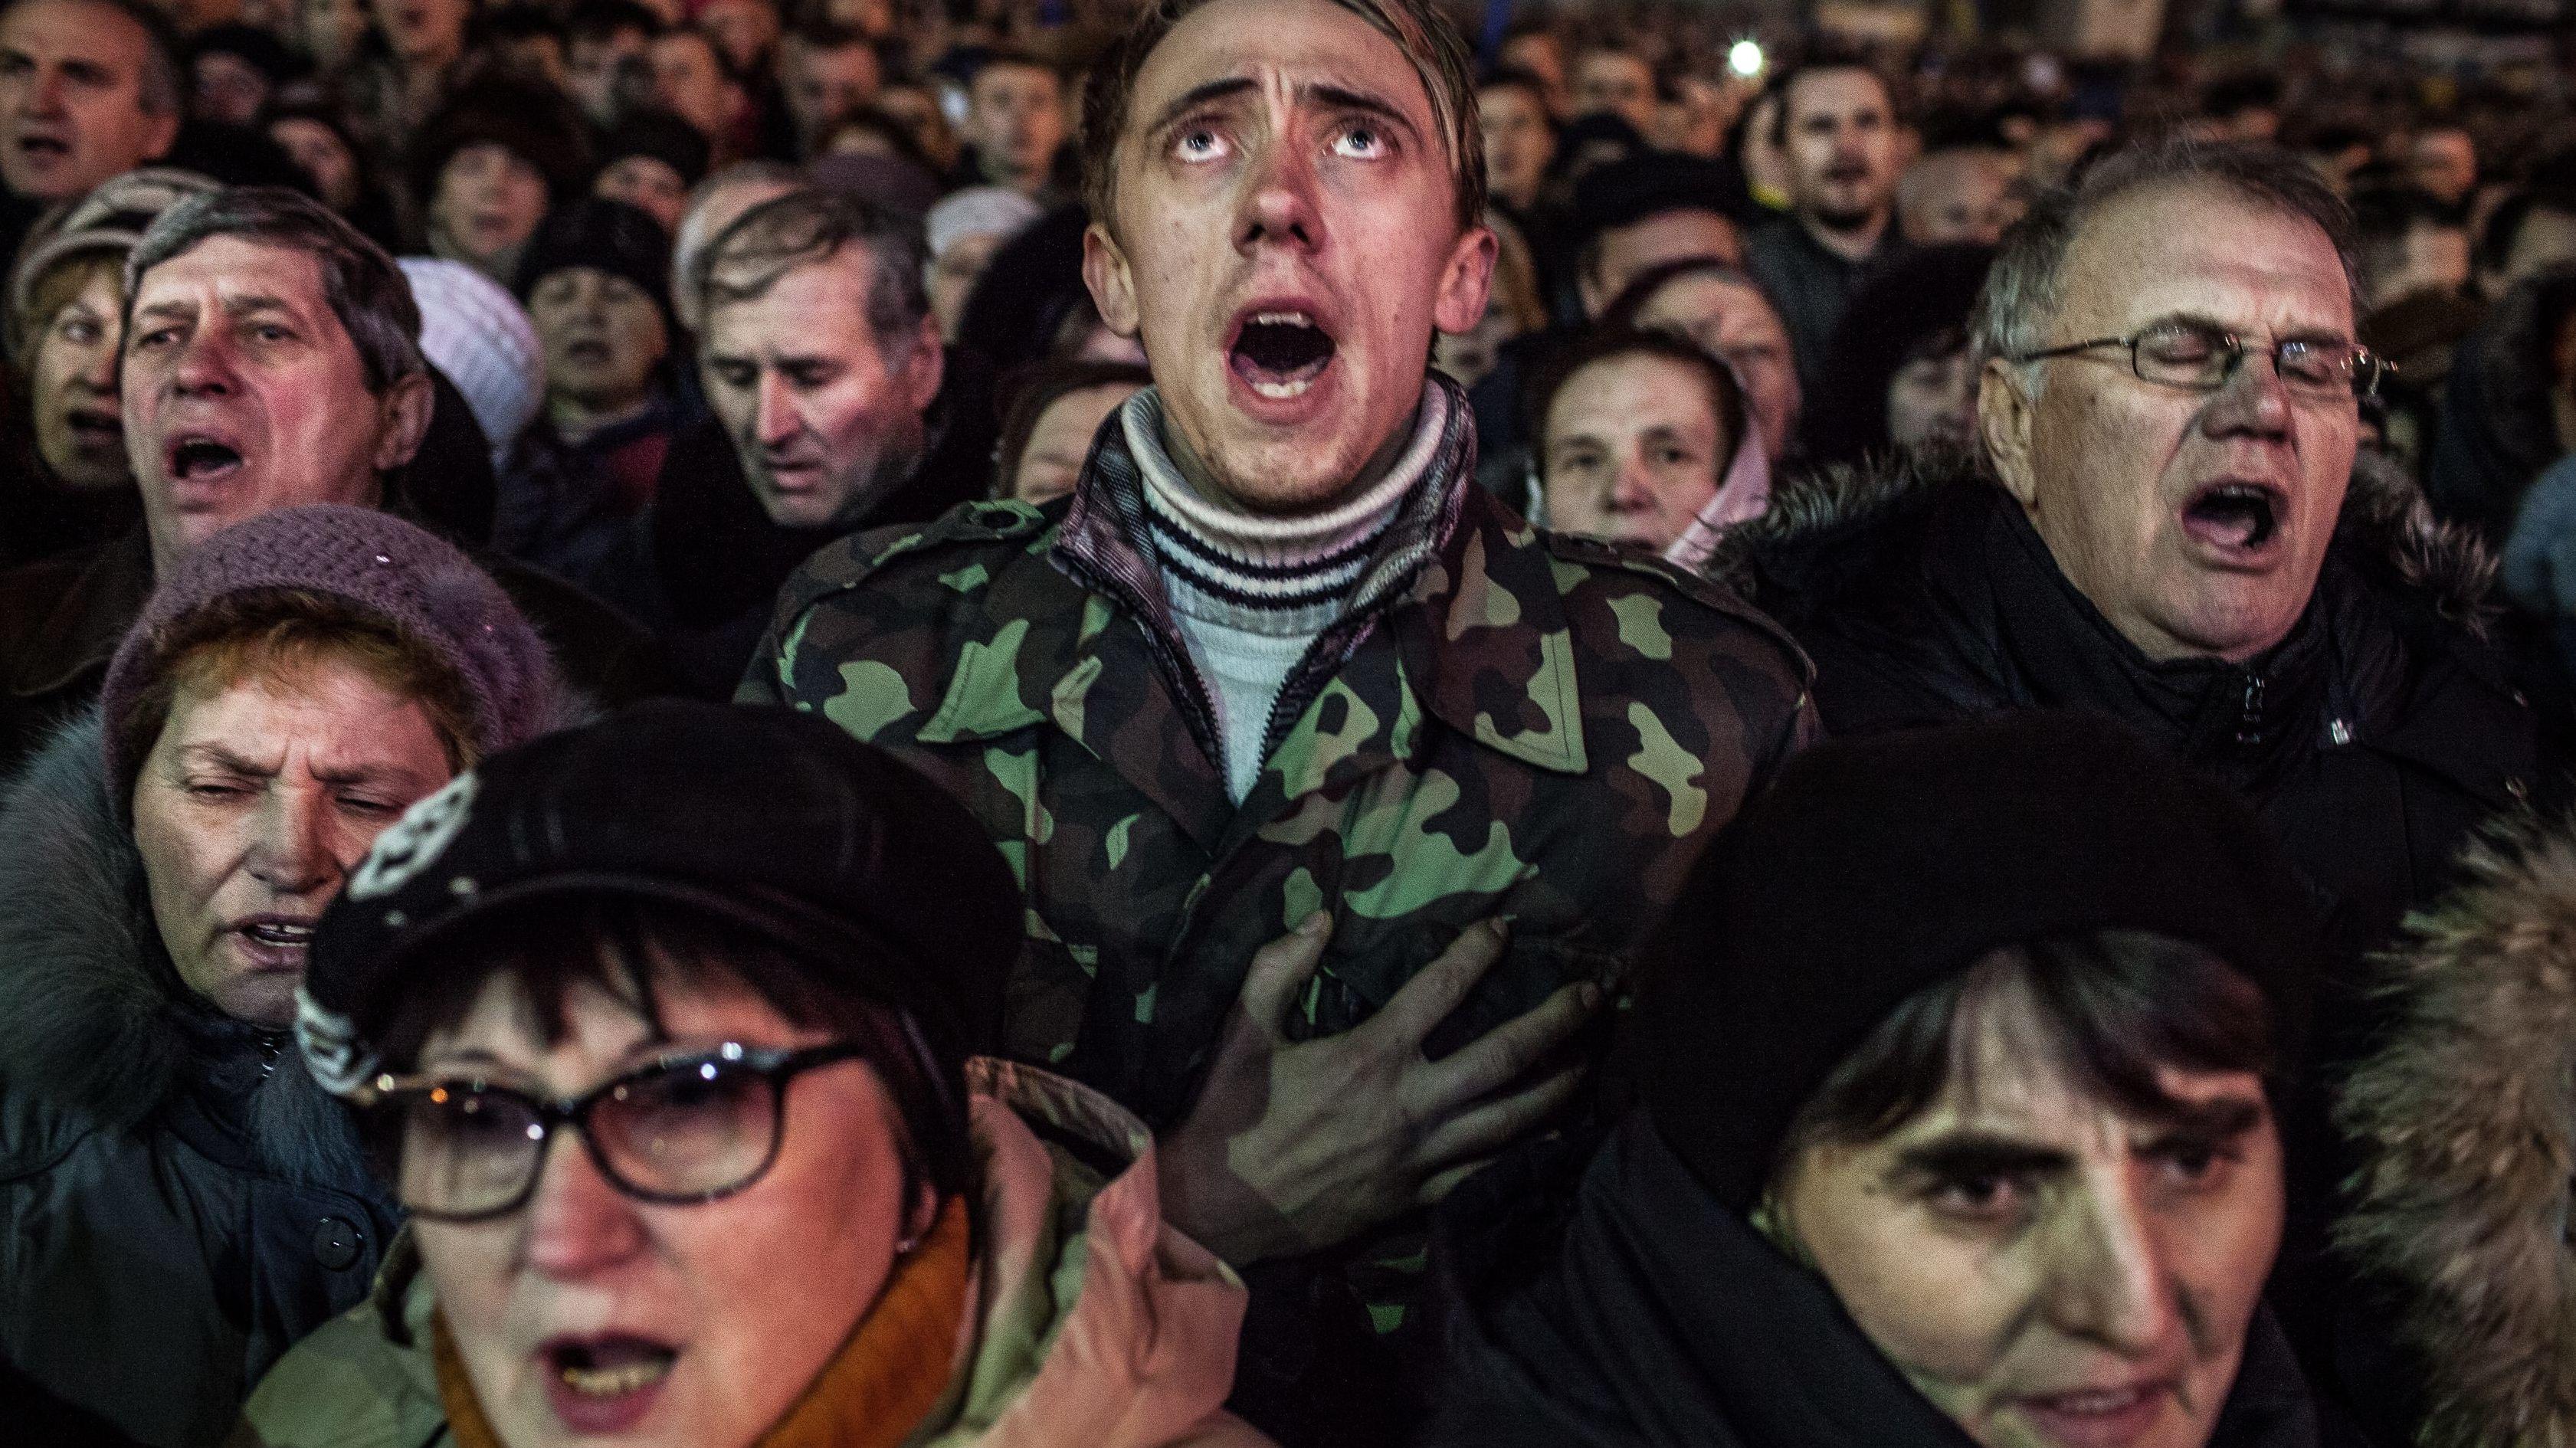 Mehrere pro-ukrainische Demonstranten stimmen auf dem Majdan-Platz in Kiew Protest-Gesänge an, gegen die russische Besetzung der Ost-Ukraine